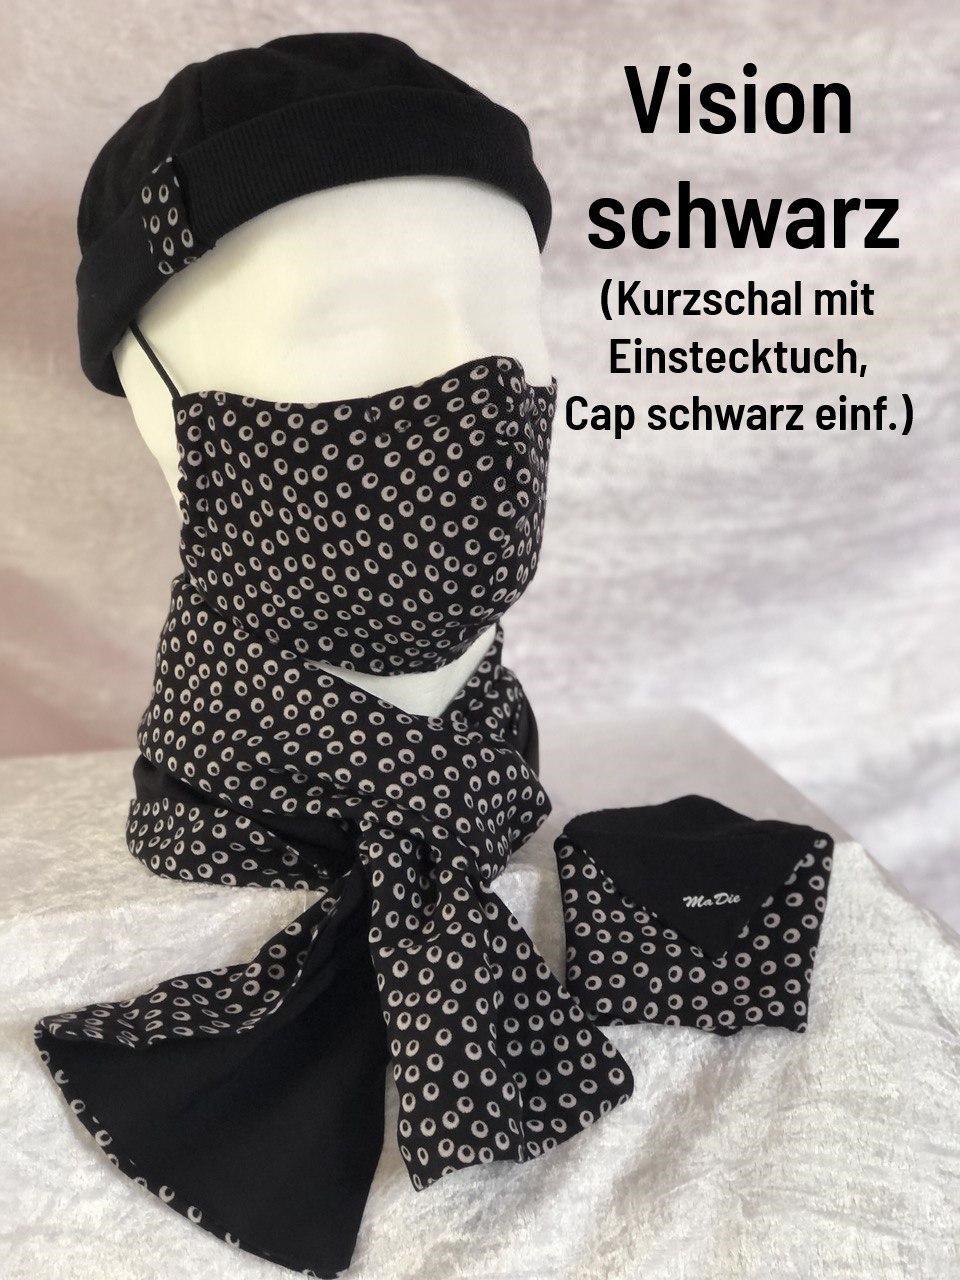 D - Maske + Schal + Cap einfach + Einstecktuch